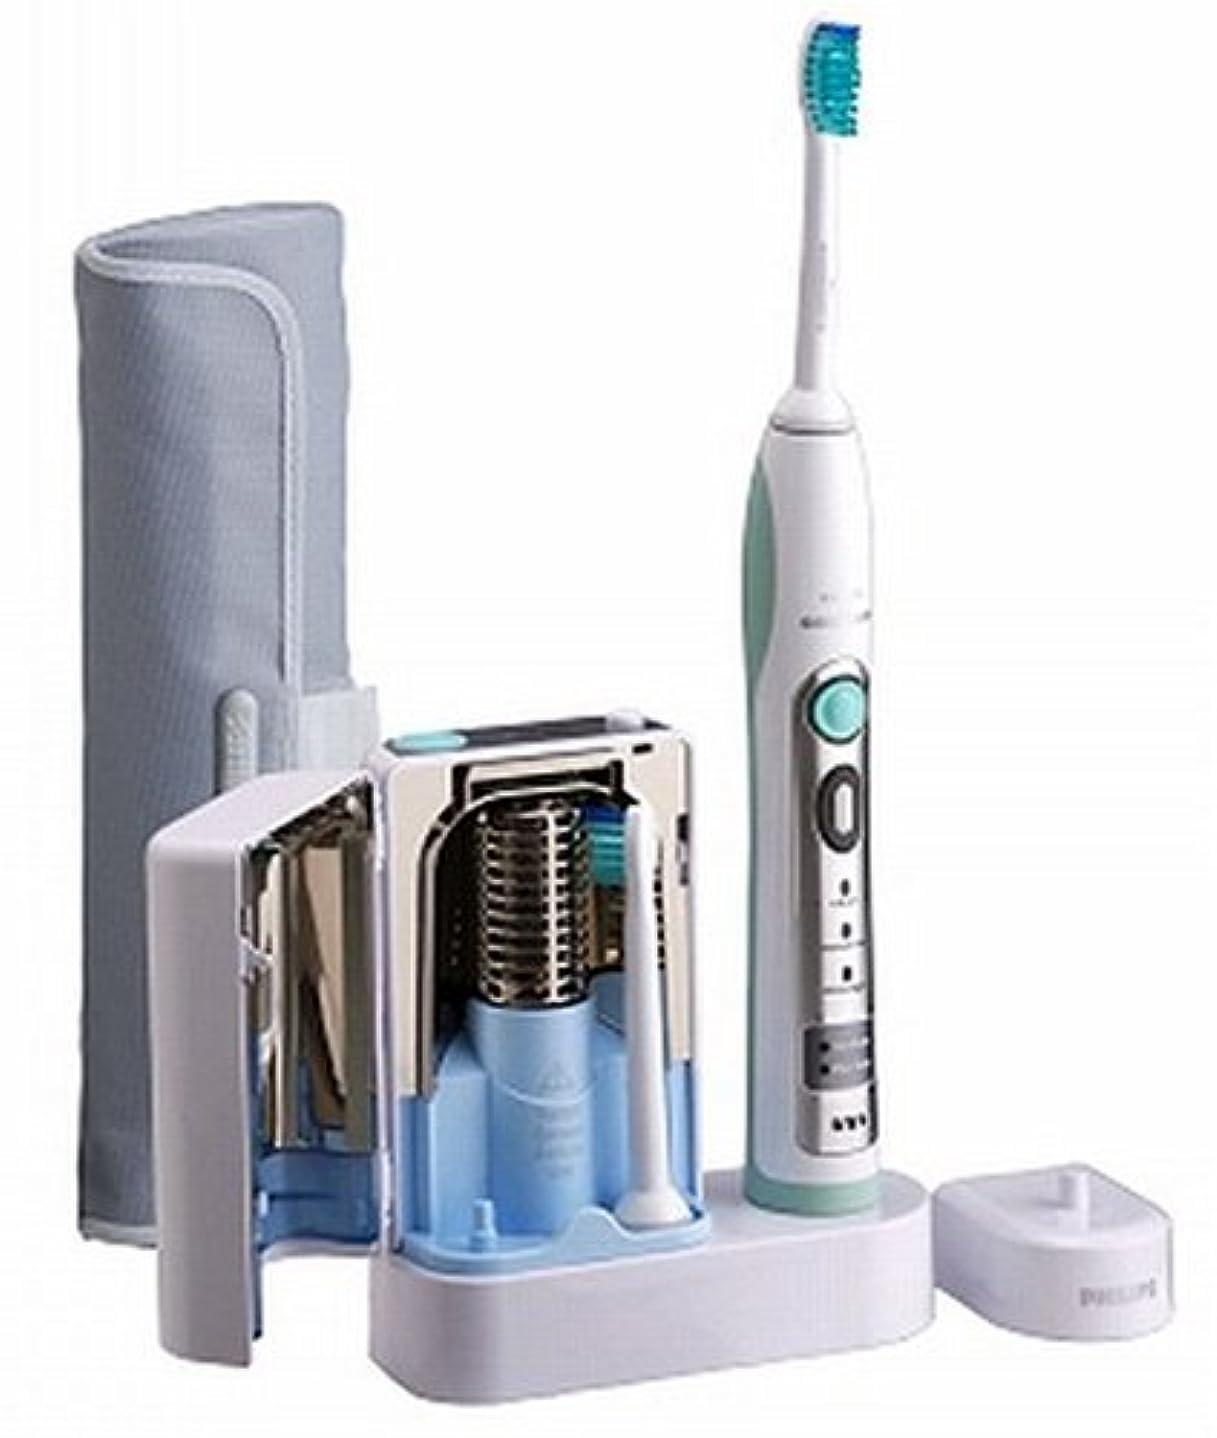 憂鬱なにぎやか右PHILIPS sonicare フレックスケアー 除菌器付き 電動歯ブラシ HX6912/10